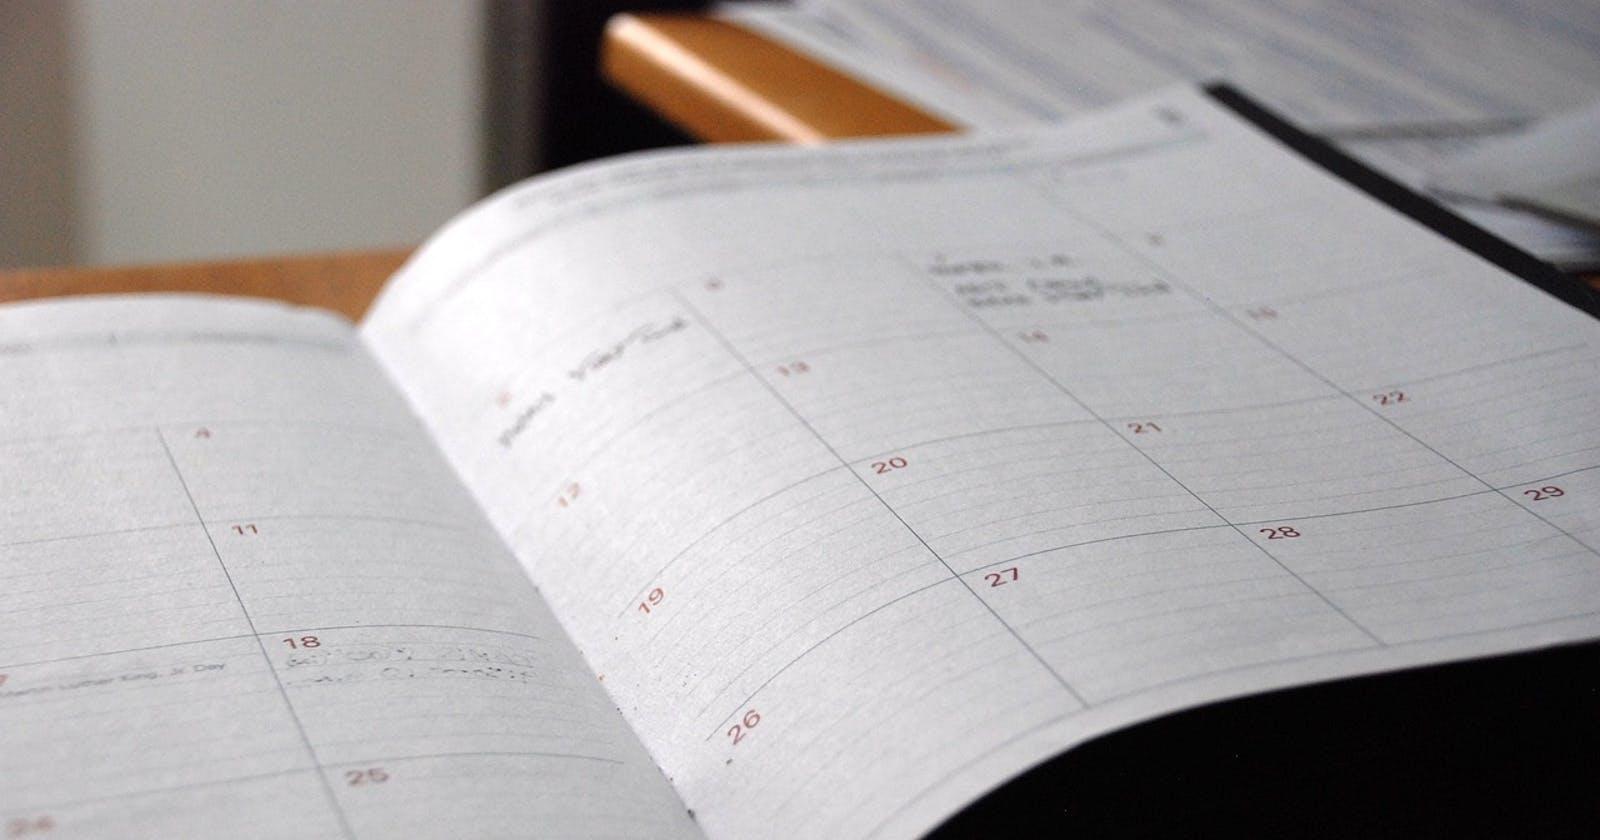 Publishing Service: Scheduled publishing